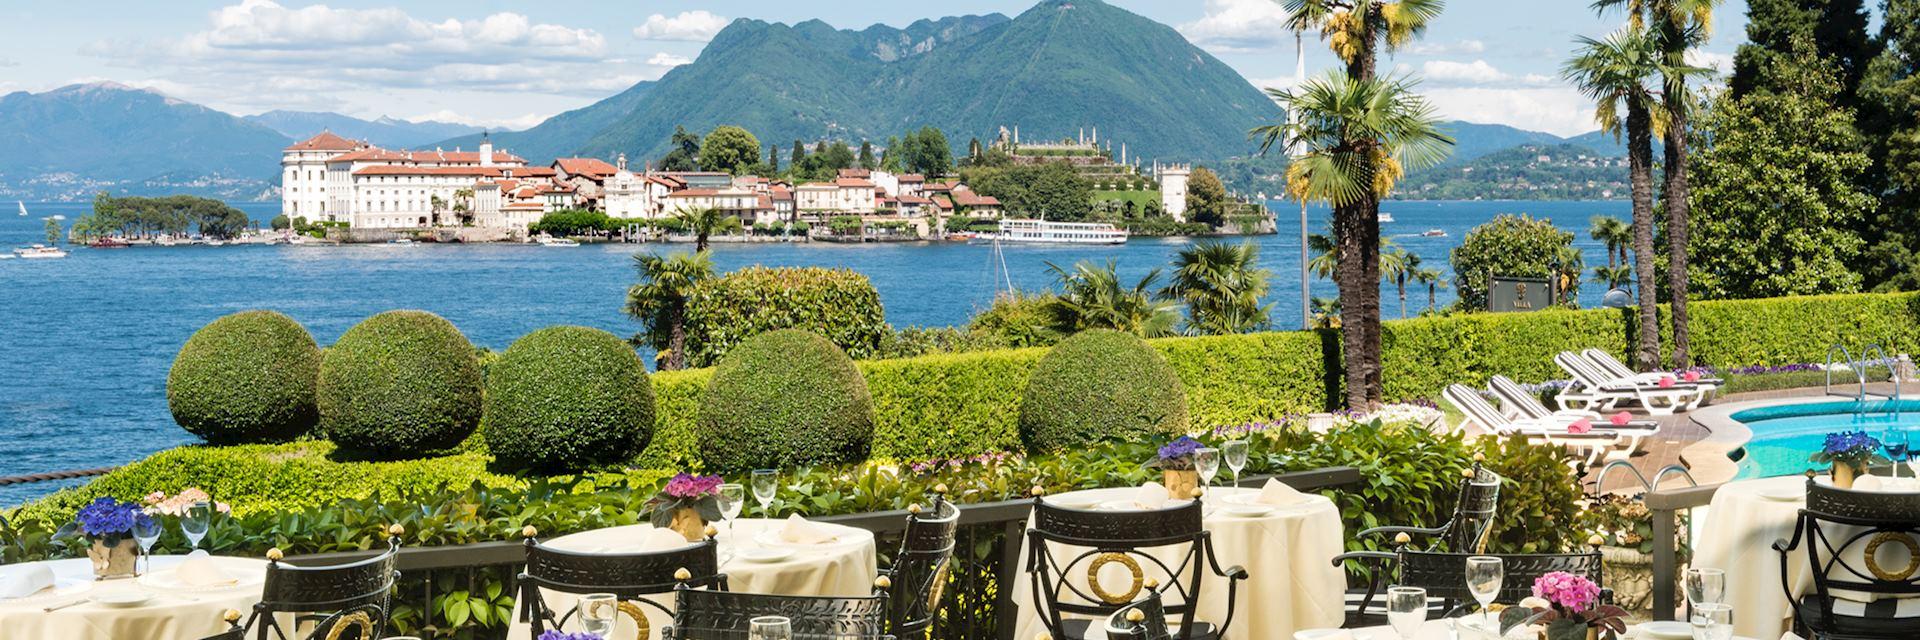 Villa & Palazzo Aminta, Lake Maggiore